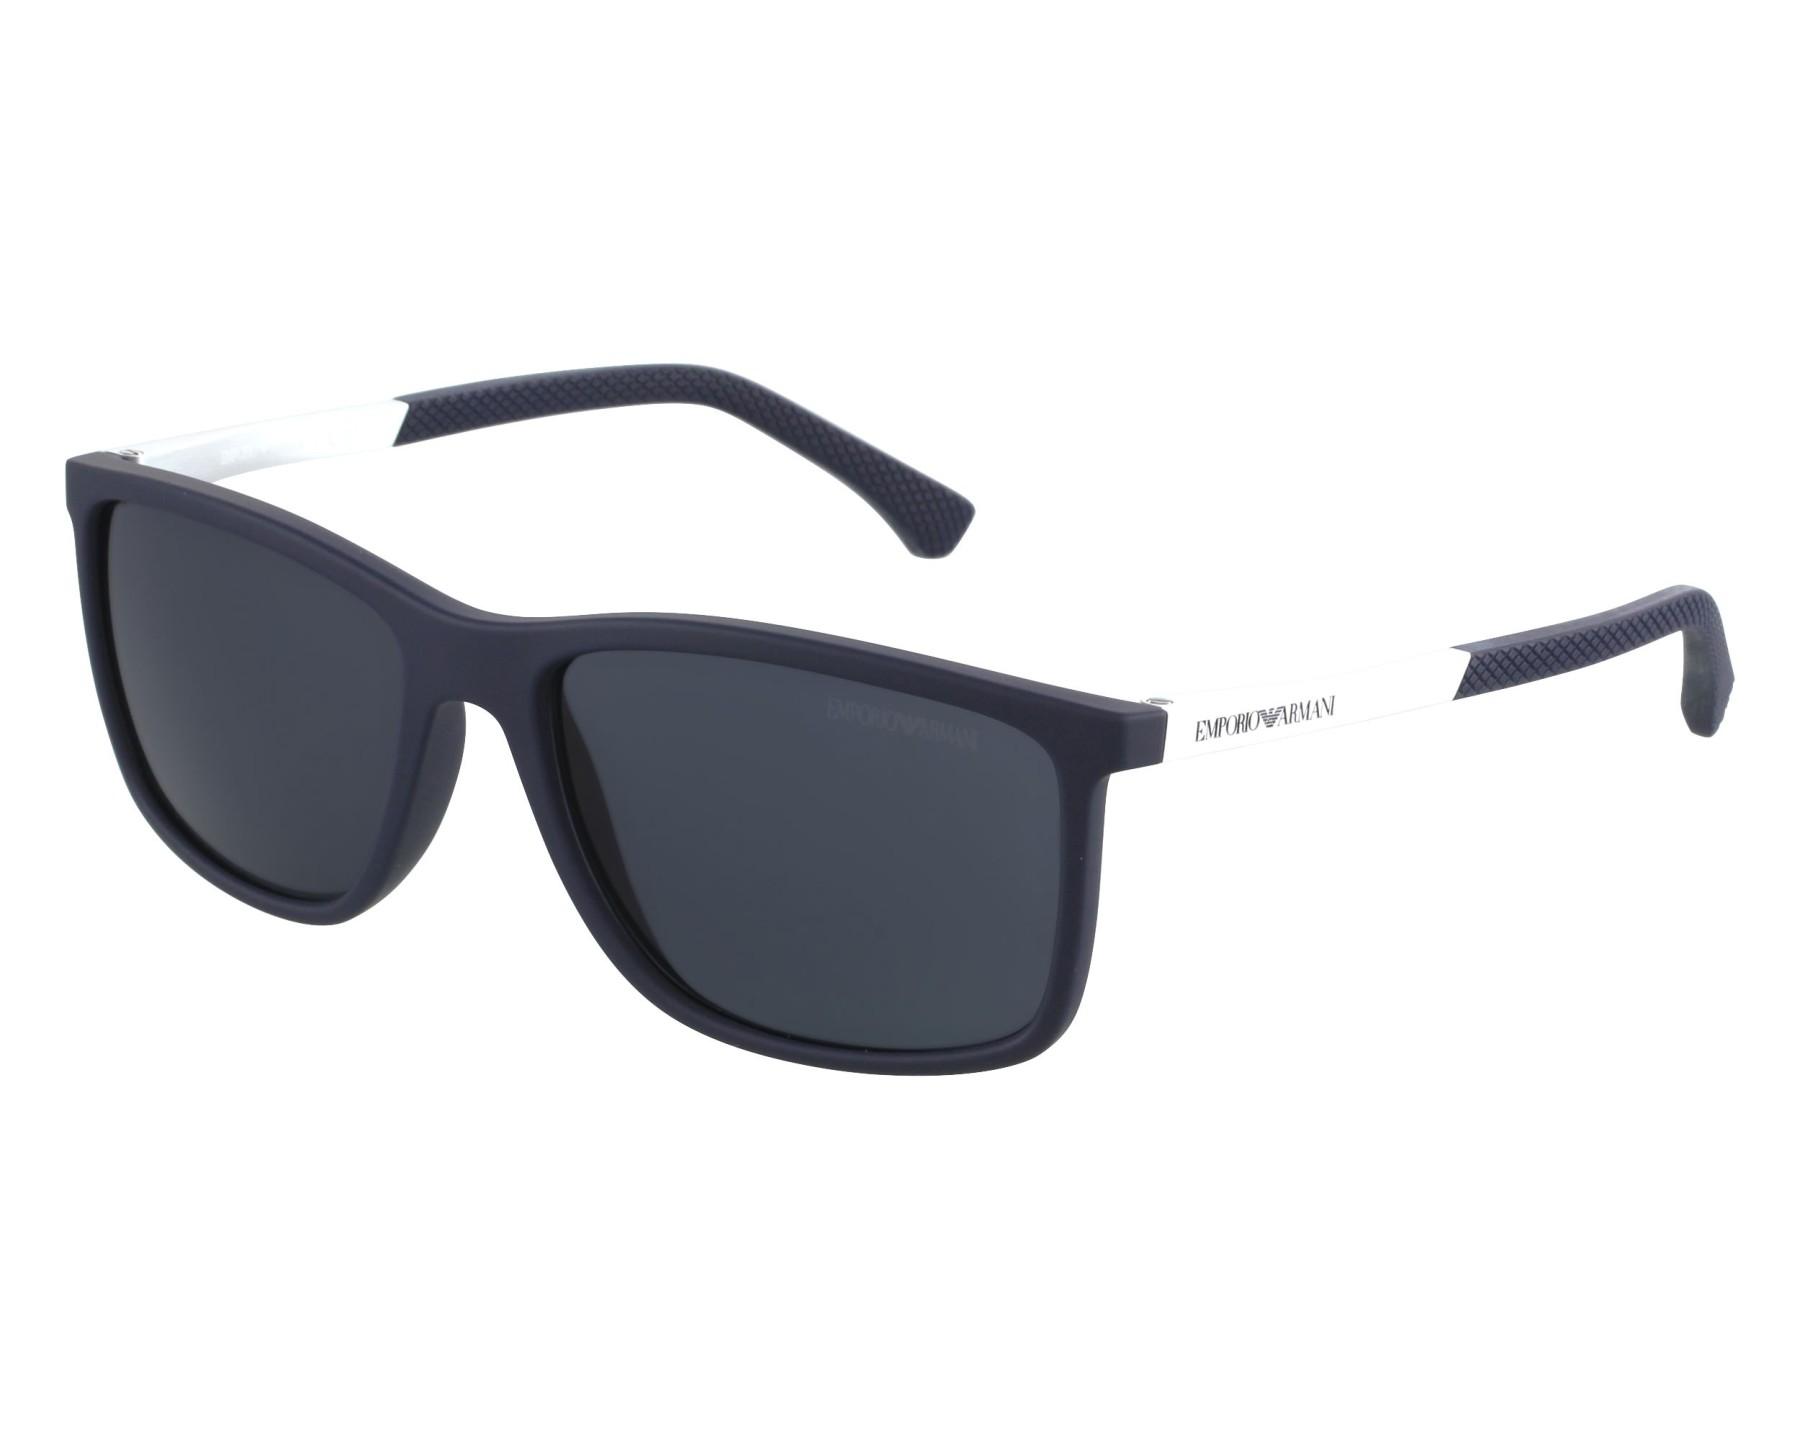 Sunglasses Emporio Armani EA-4058 5474 87 58-17 Blue Silver front view 8bc7a23db1